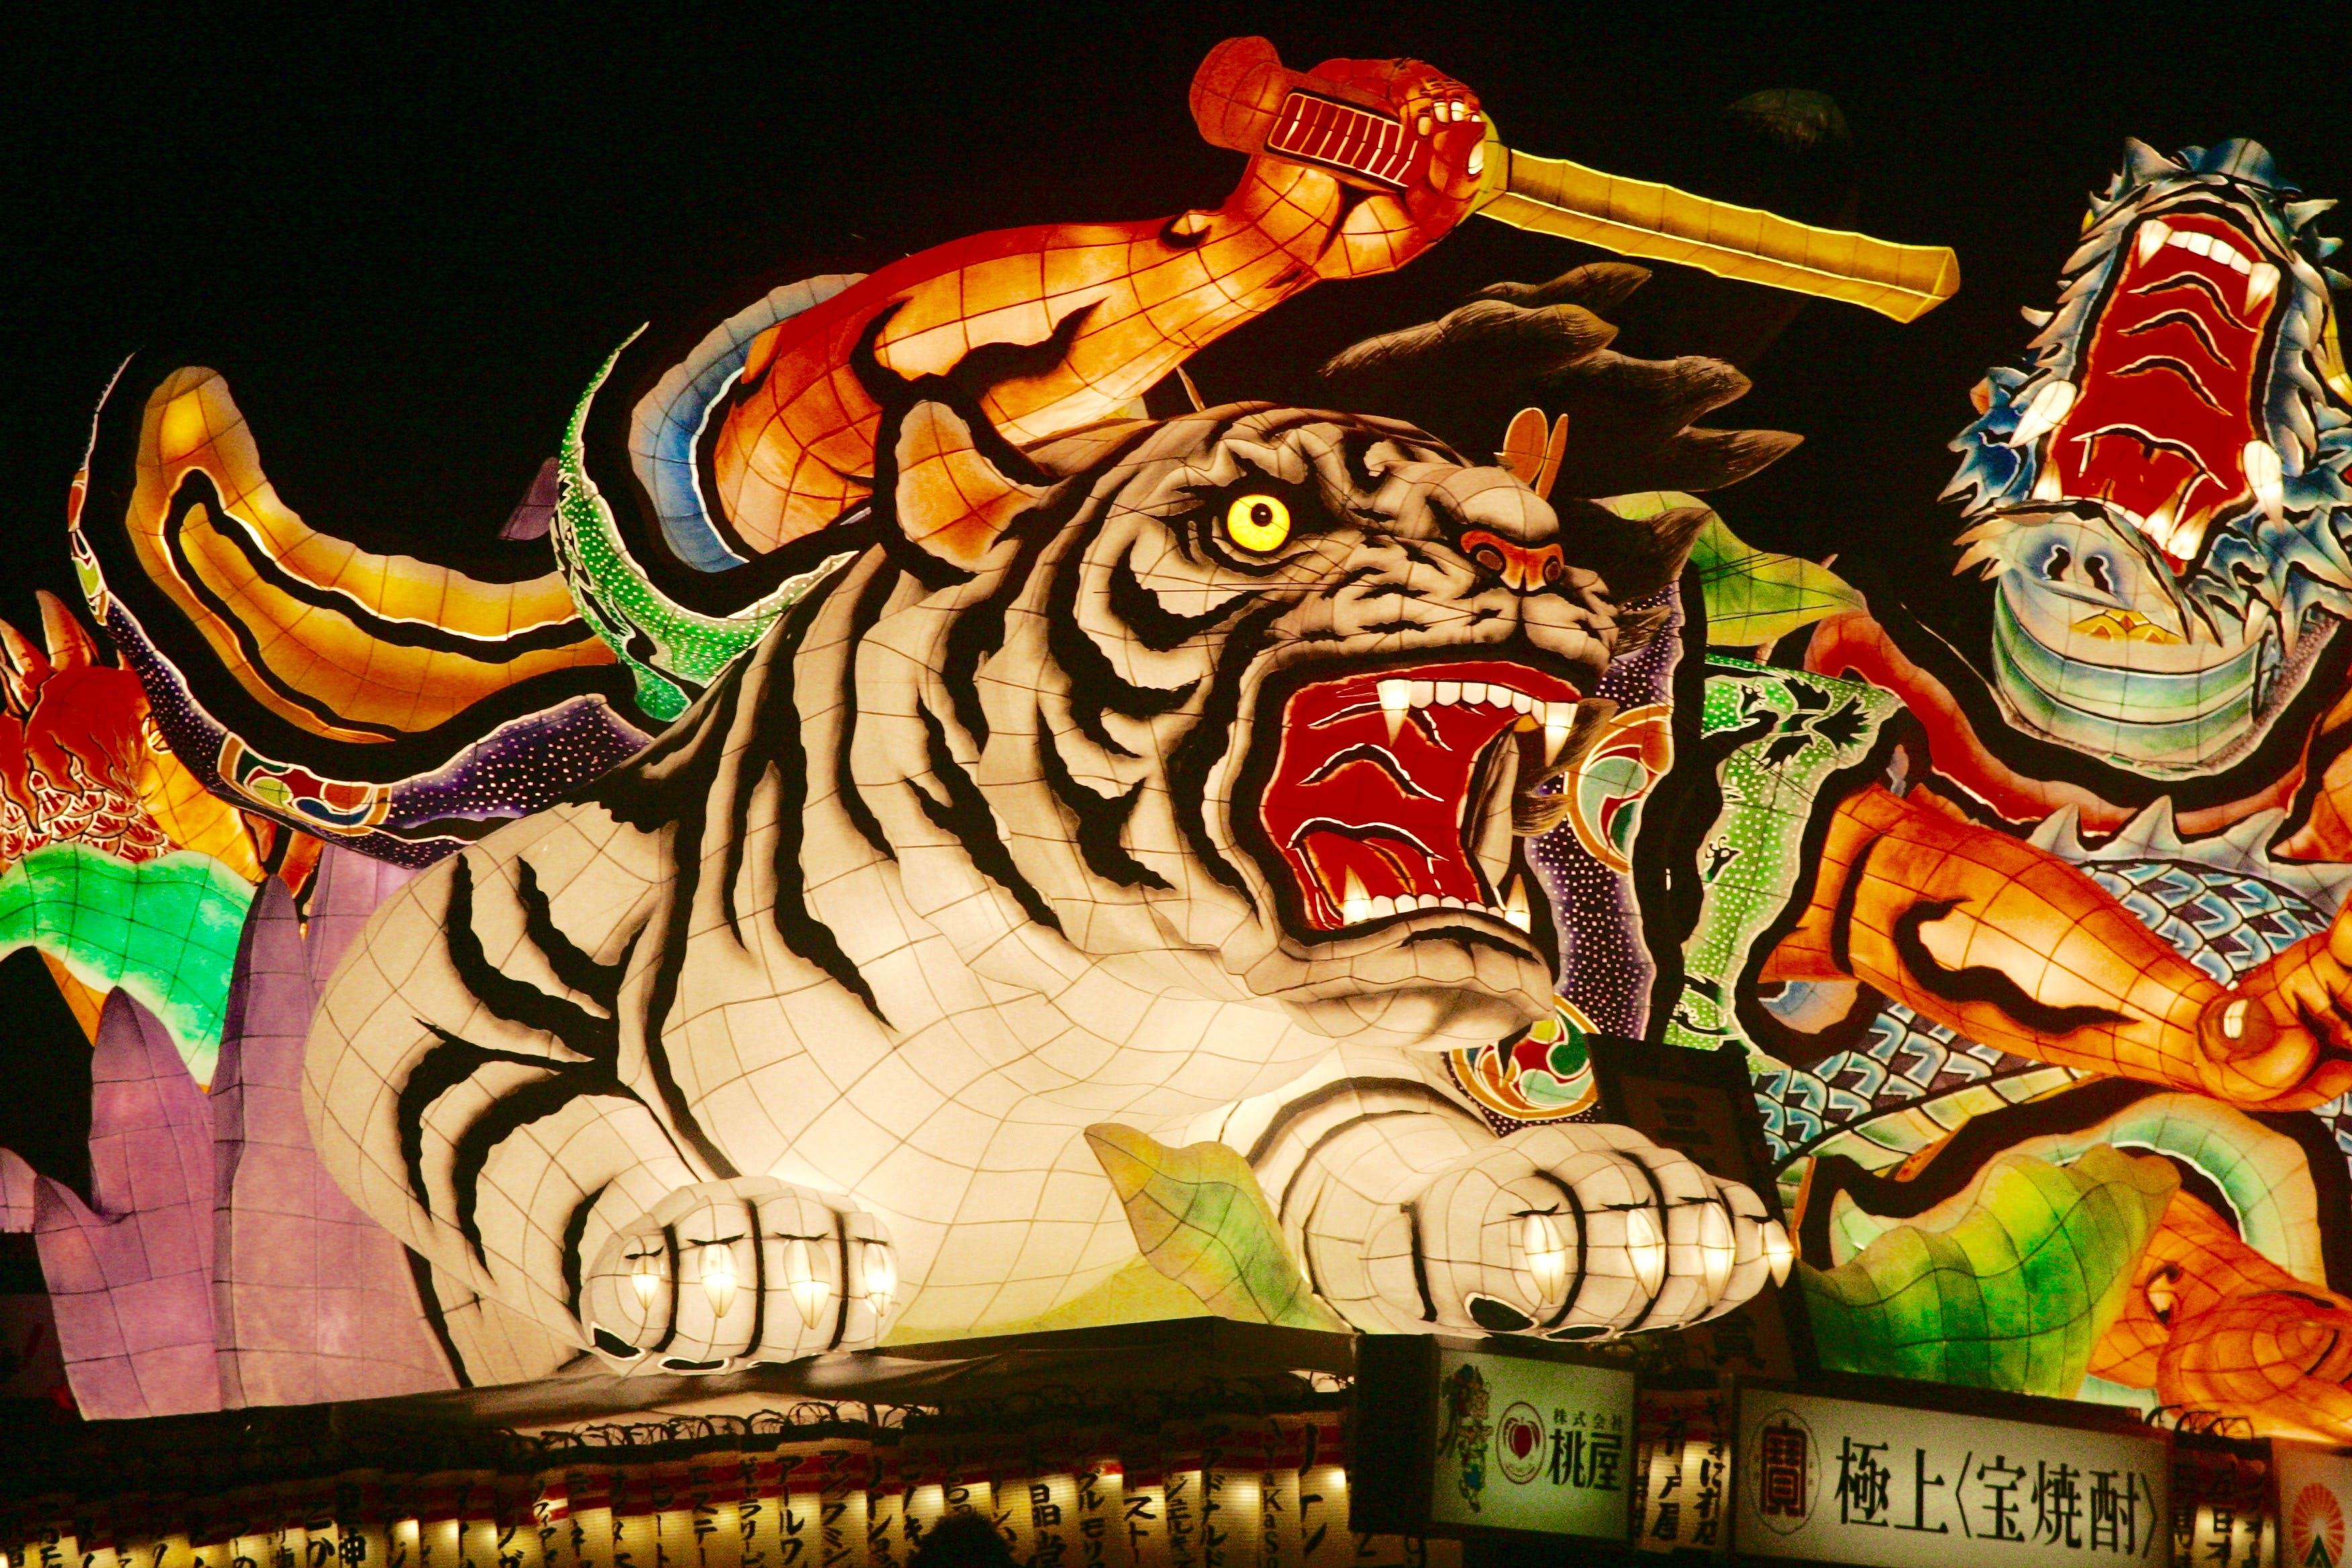 Δωρεάν στοκ φωτογραφιών με aomori, jaan travel, Ιαπωνία, ιαπωνικά φεστιβάλ